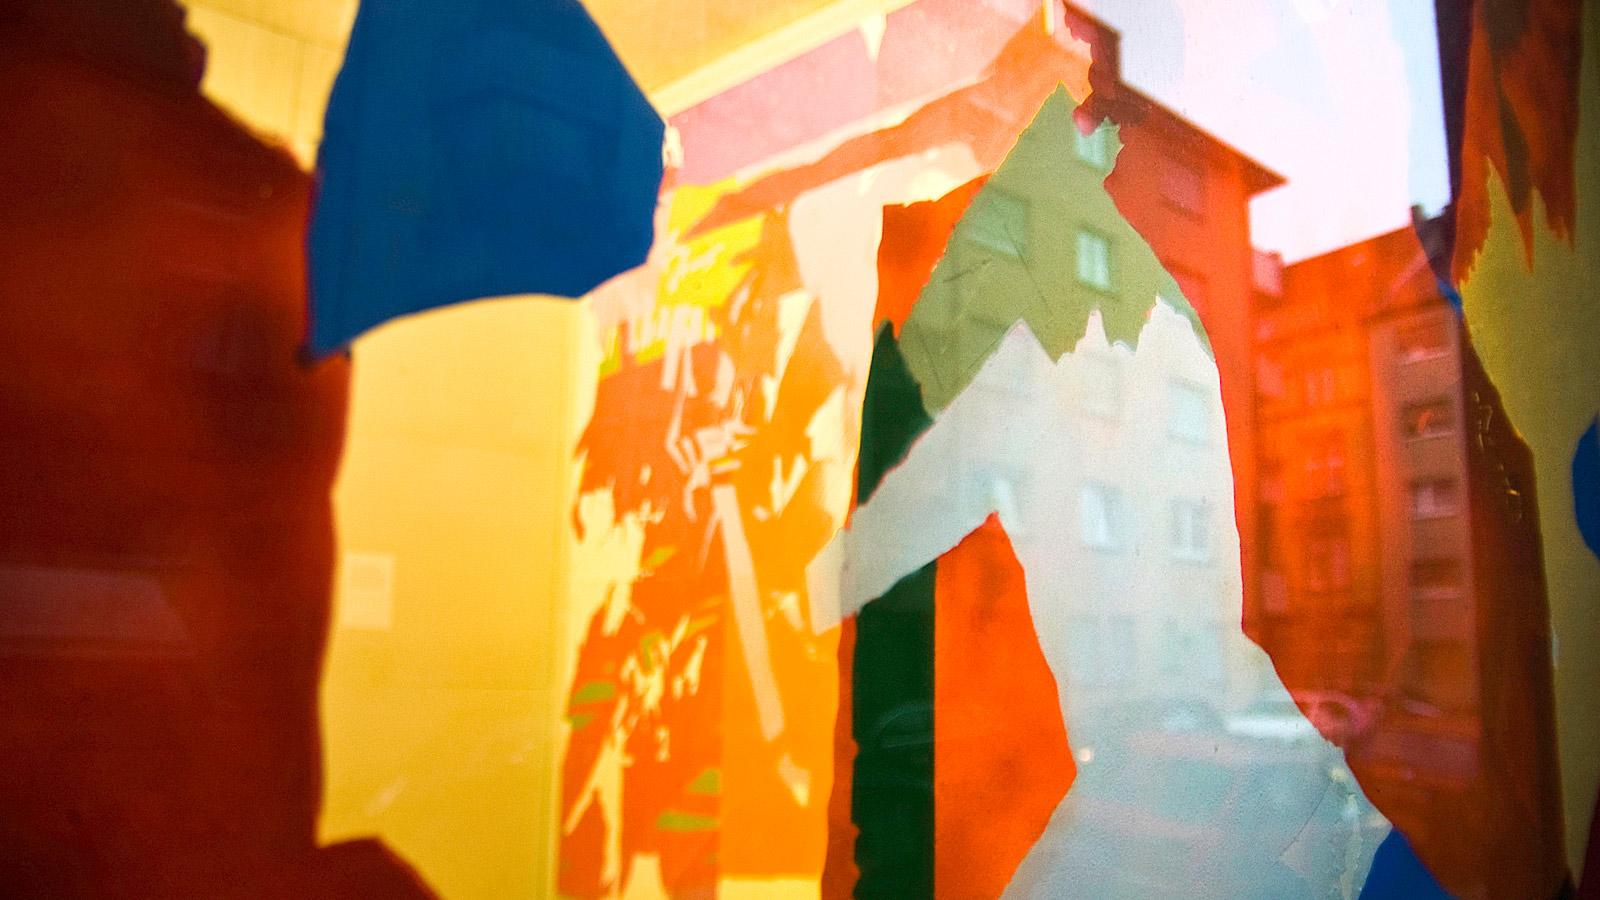 Detailansicht: einmalamalnie (Palindorm), Sprühlack auf Plexiglas, 146×177 cm, peng Raum für Kunst 2007, Mannheim